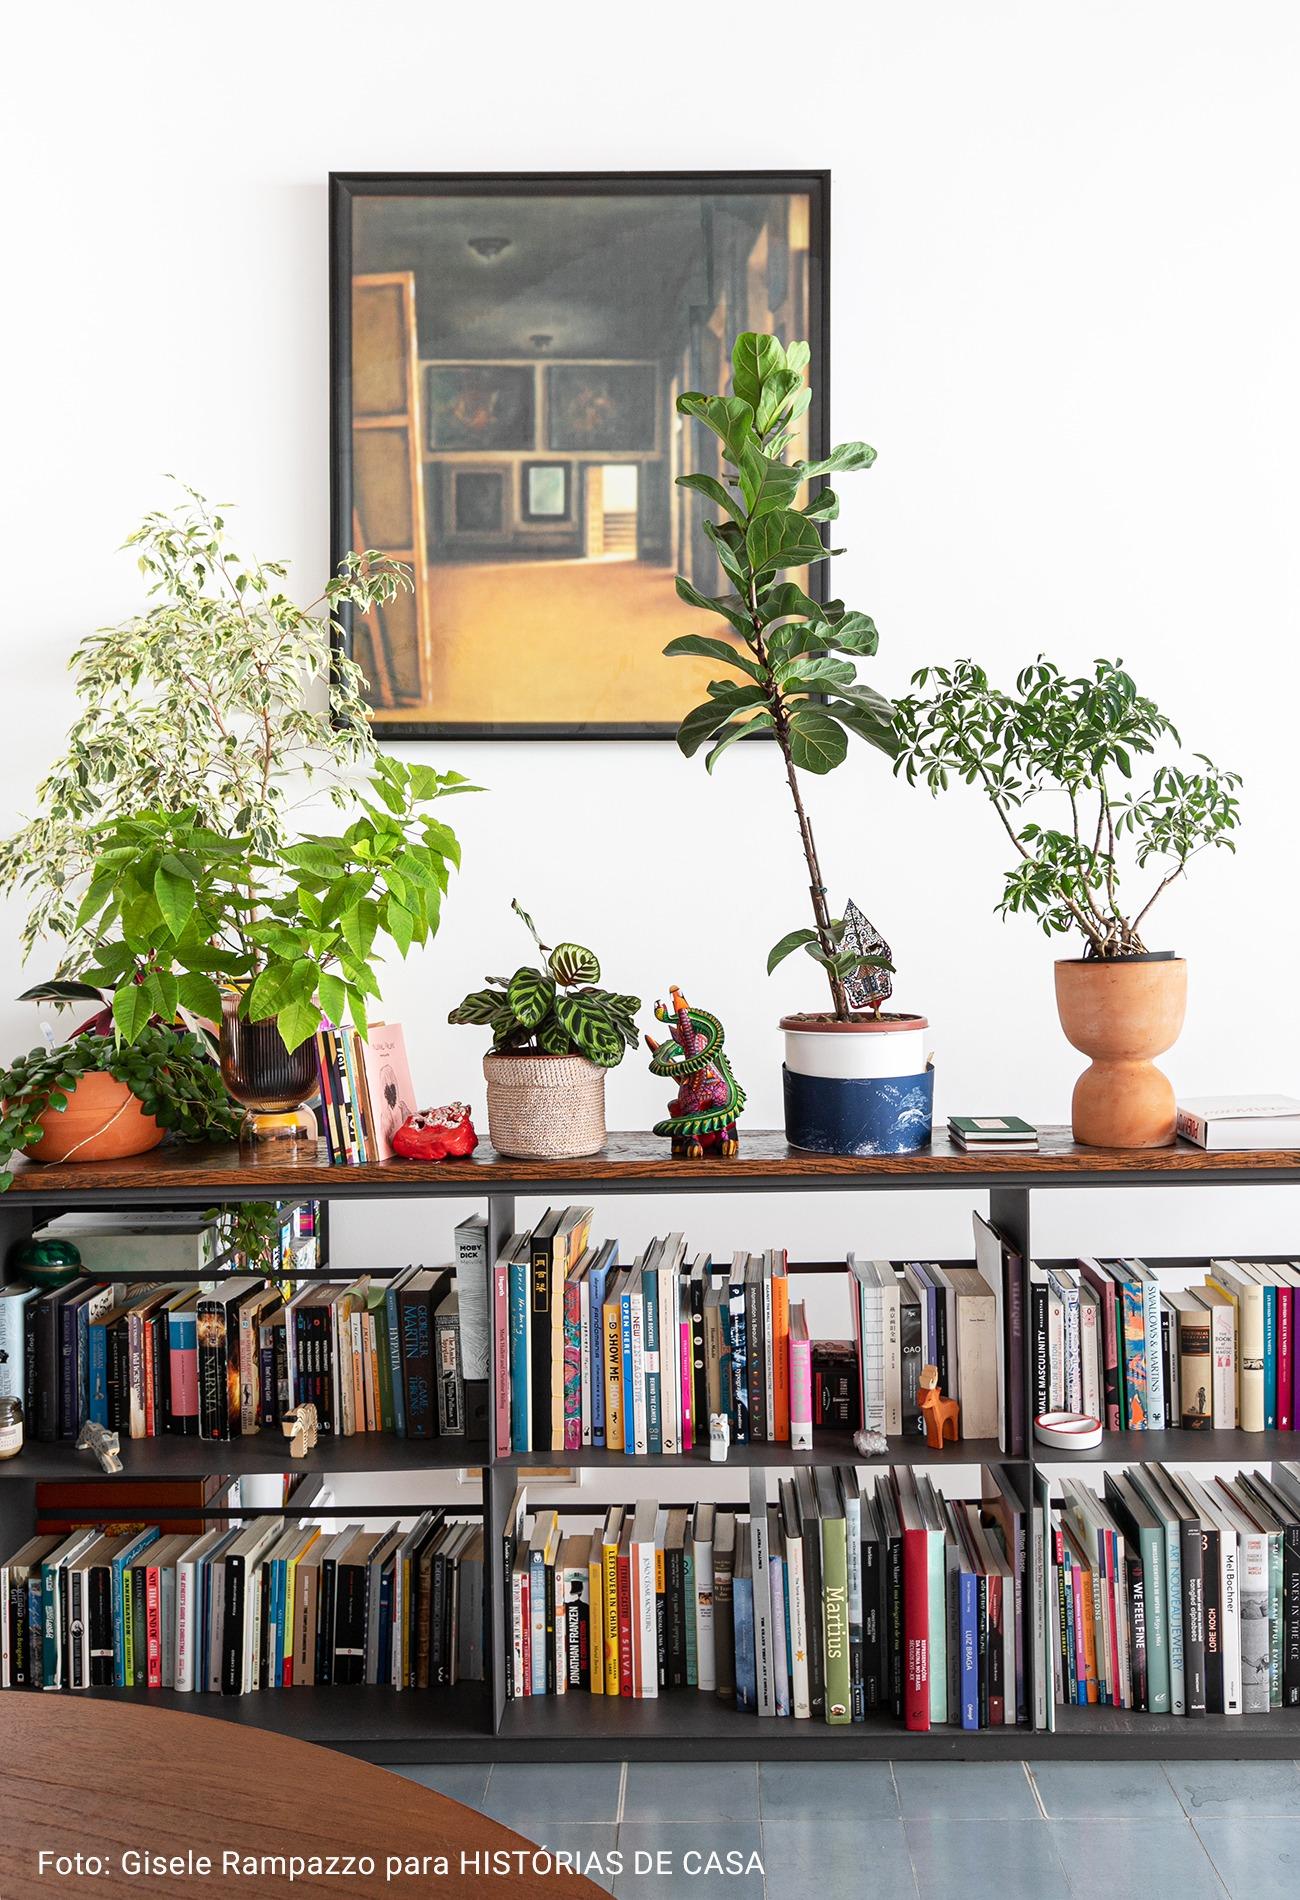 casa com prateleira baixa e plantas